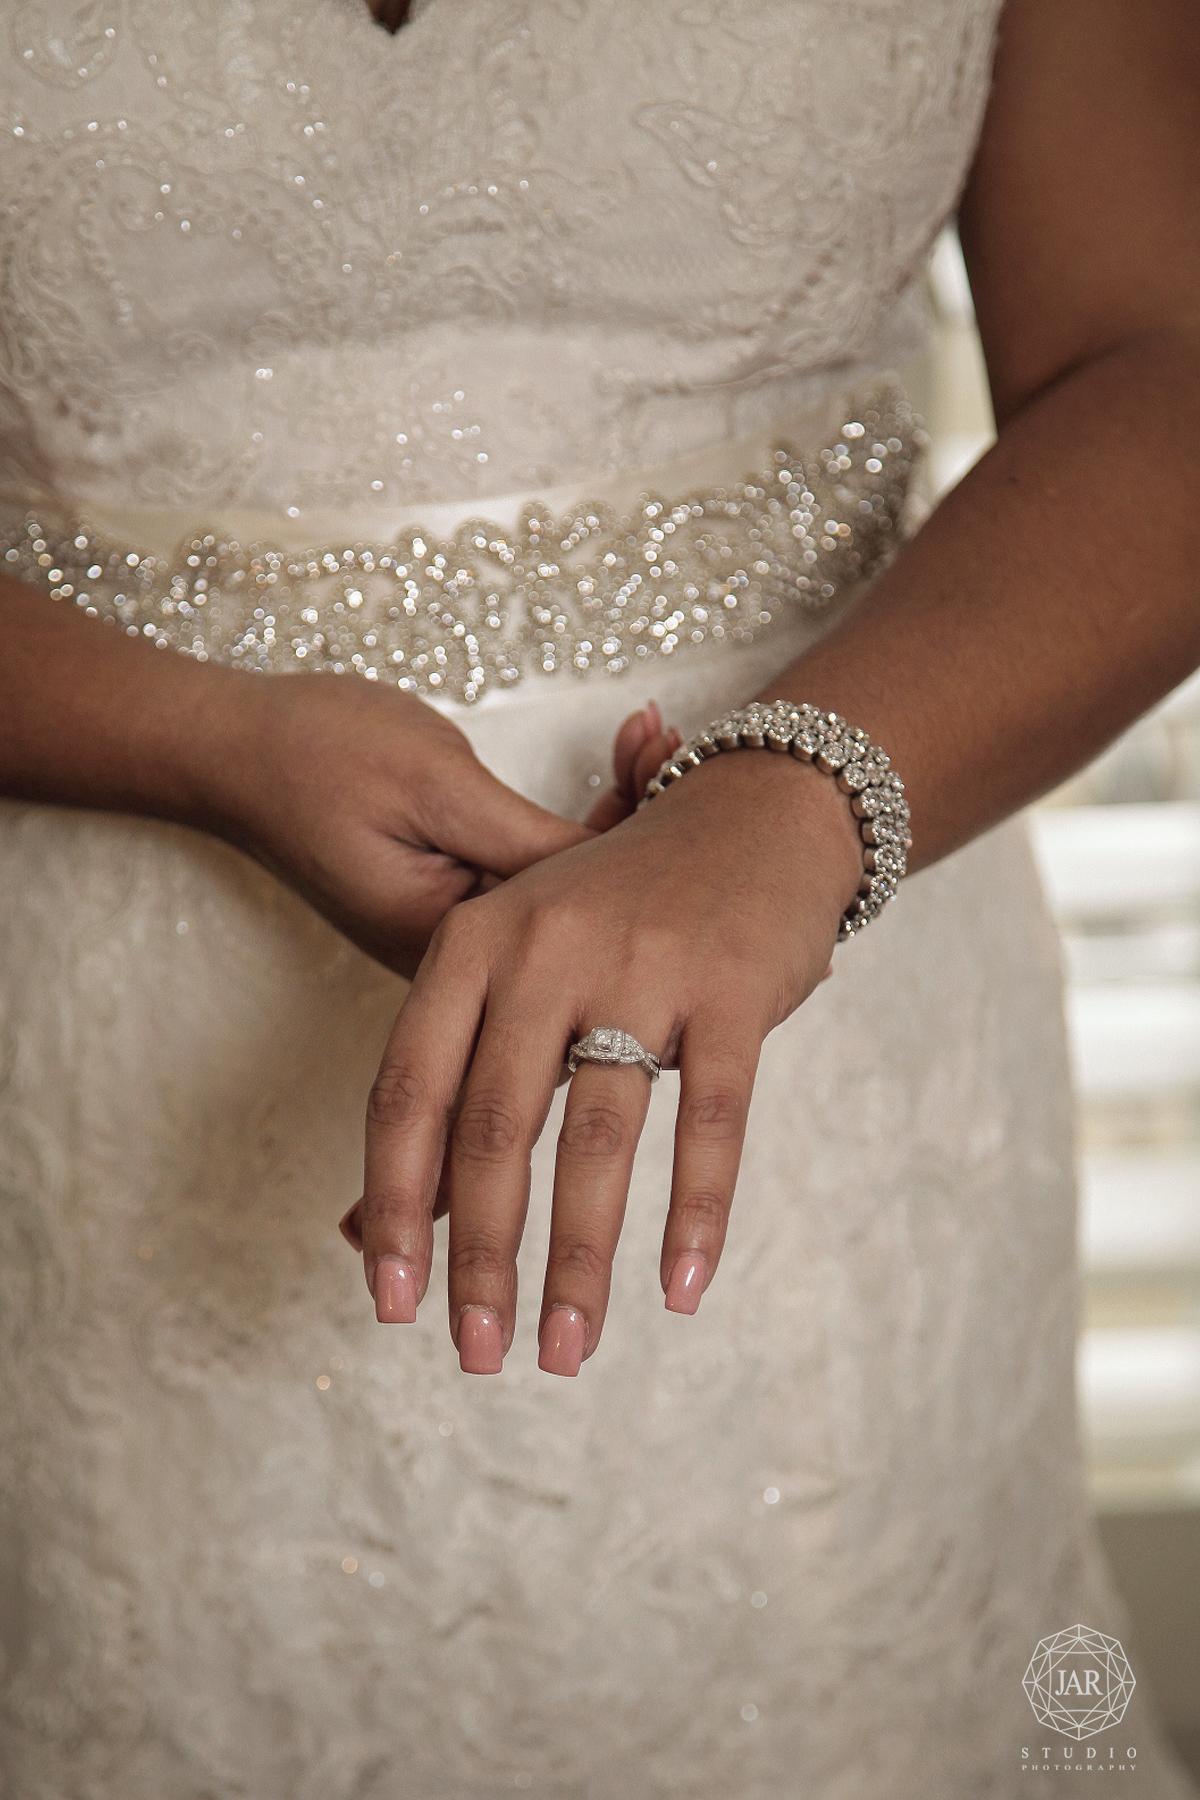 05-bride-natural-nail-color-jarstudio-orlando.JPG